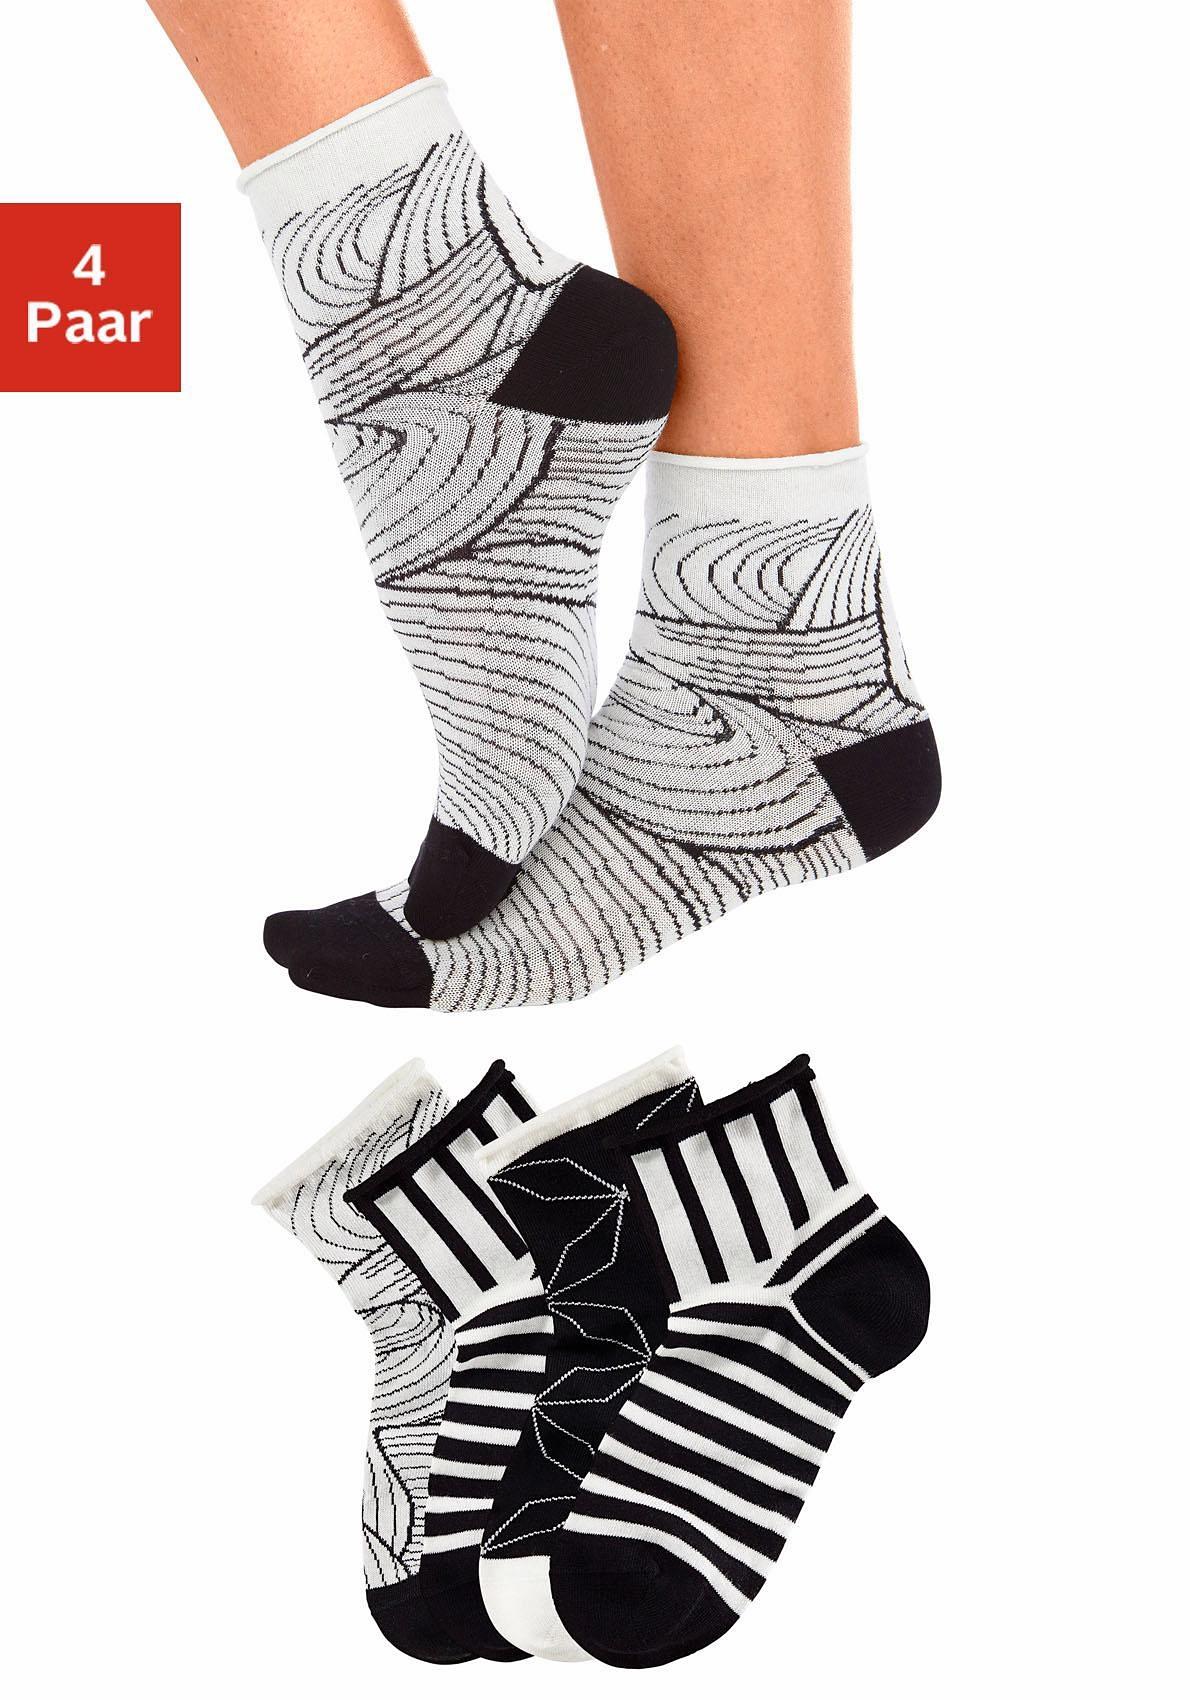 TOM TAILOR Korte sokken in set van 4 paar bij Lascana online kopen